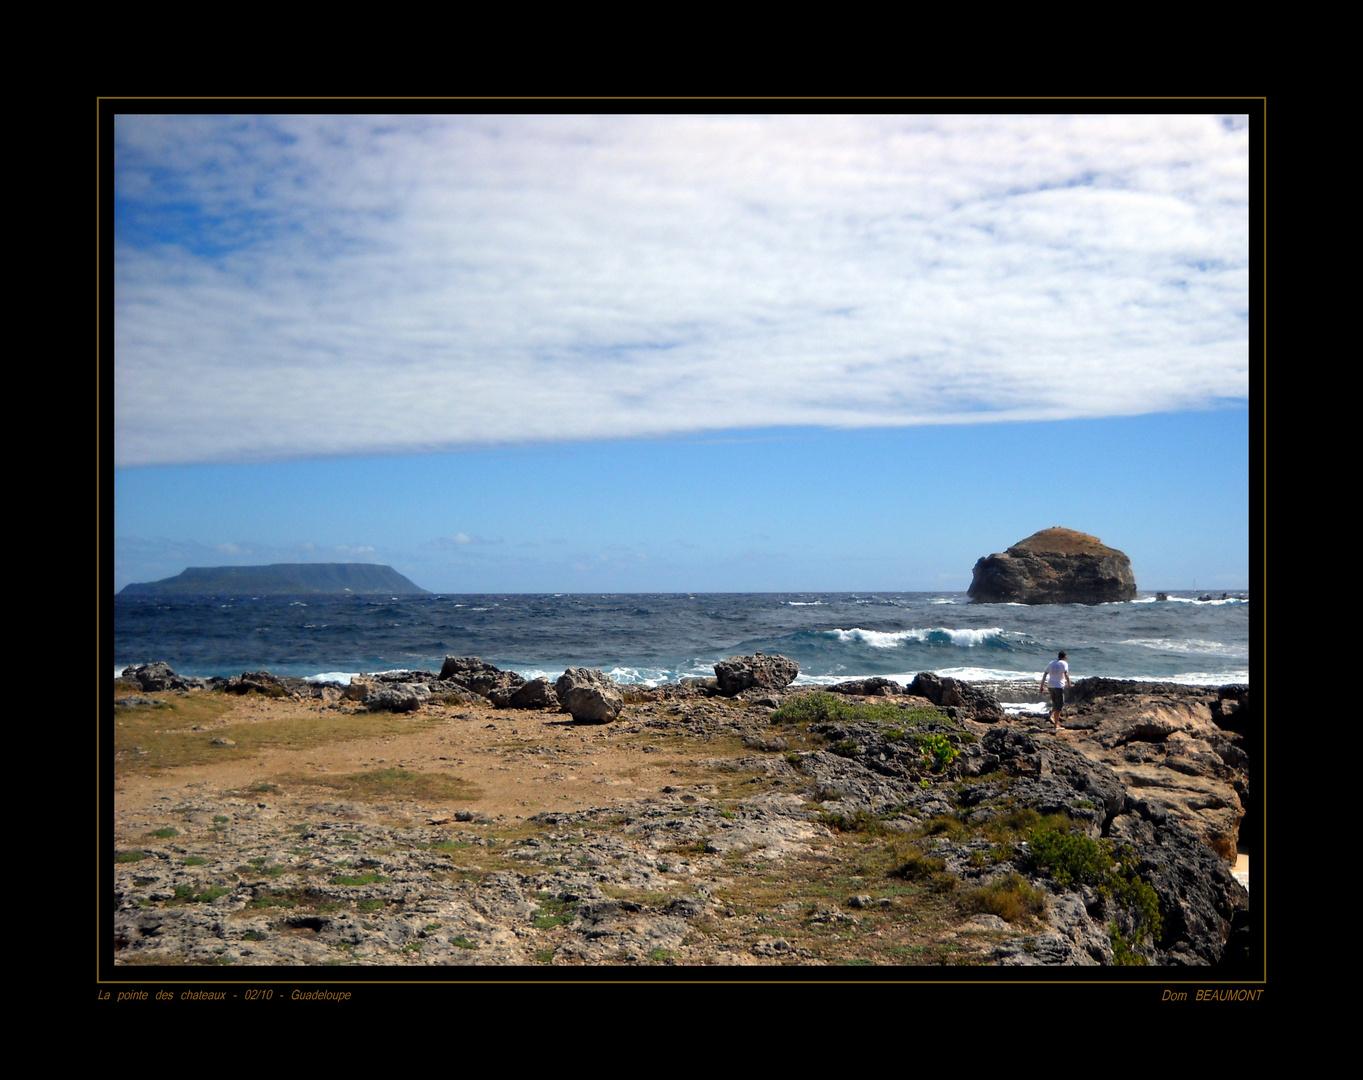 La pointe des chateaux - Février 2010 - Guadeloupe